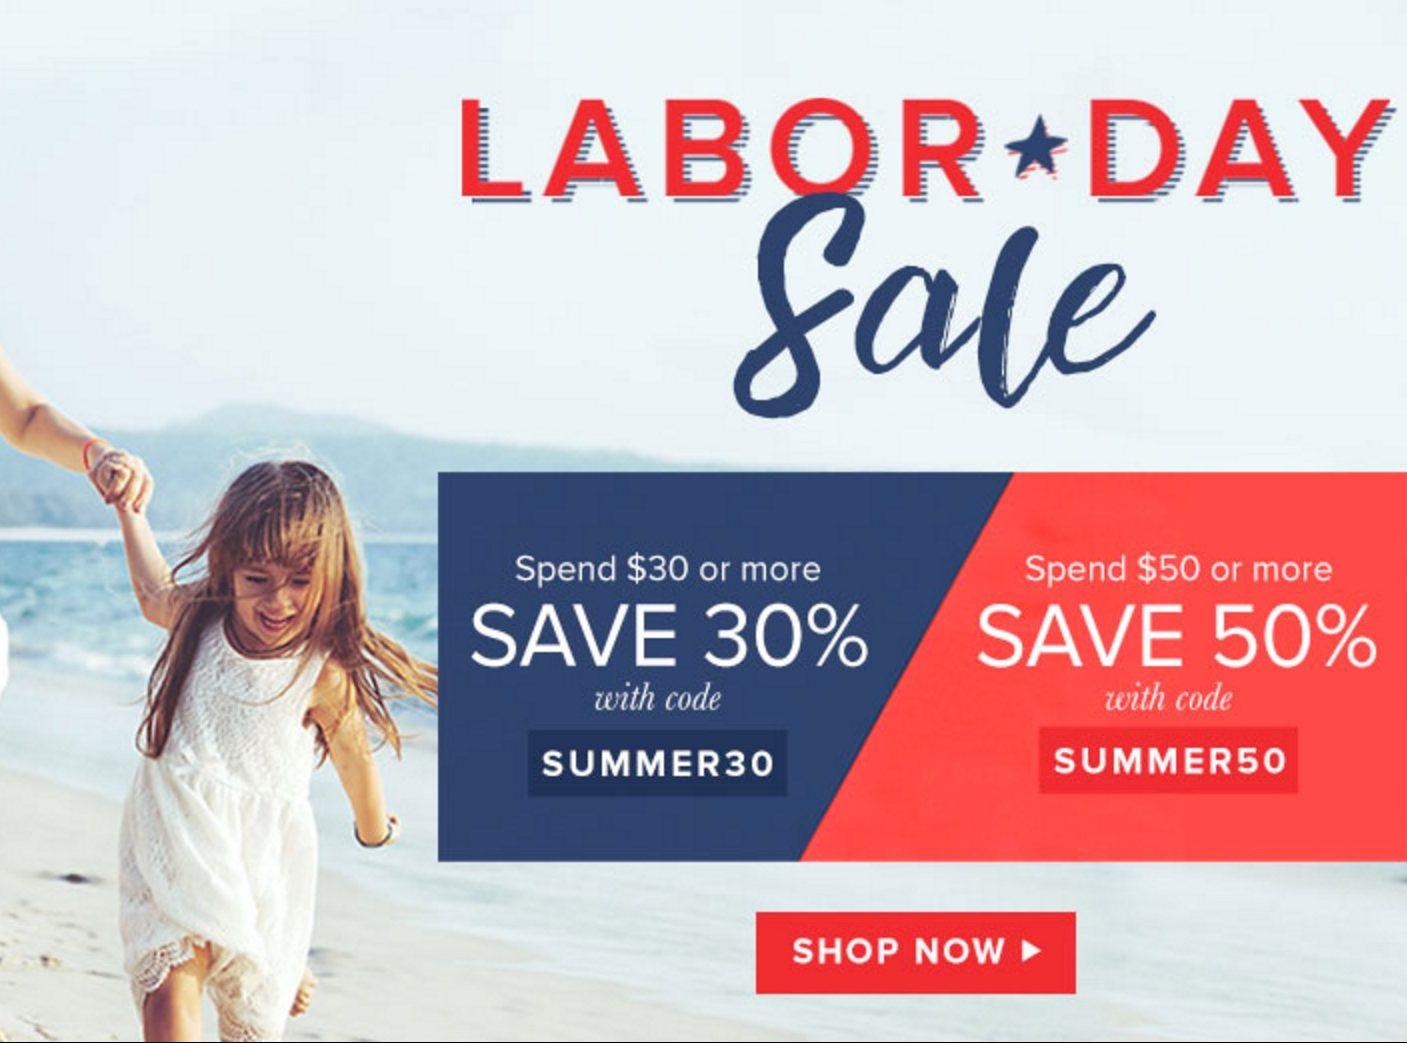 Schoola Labor Day Sale